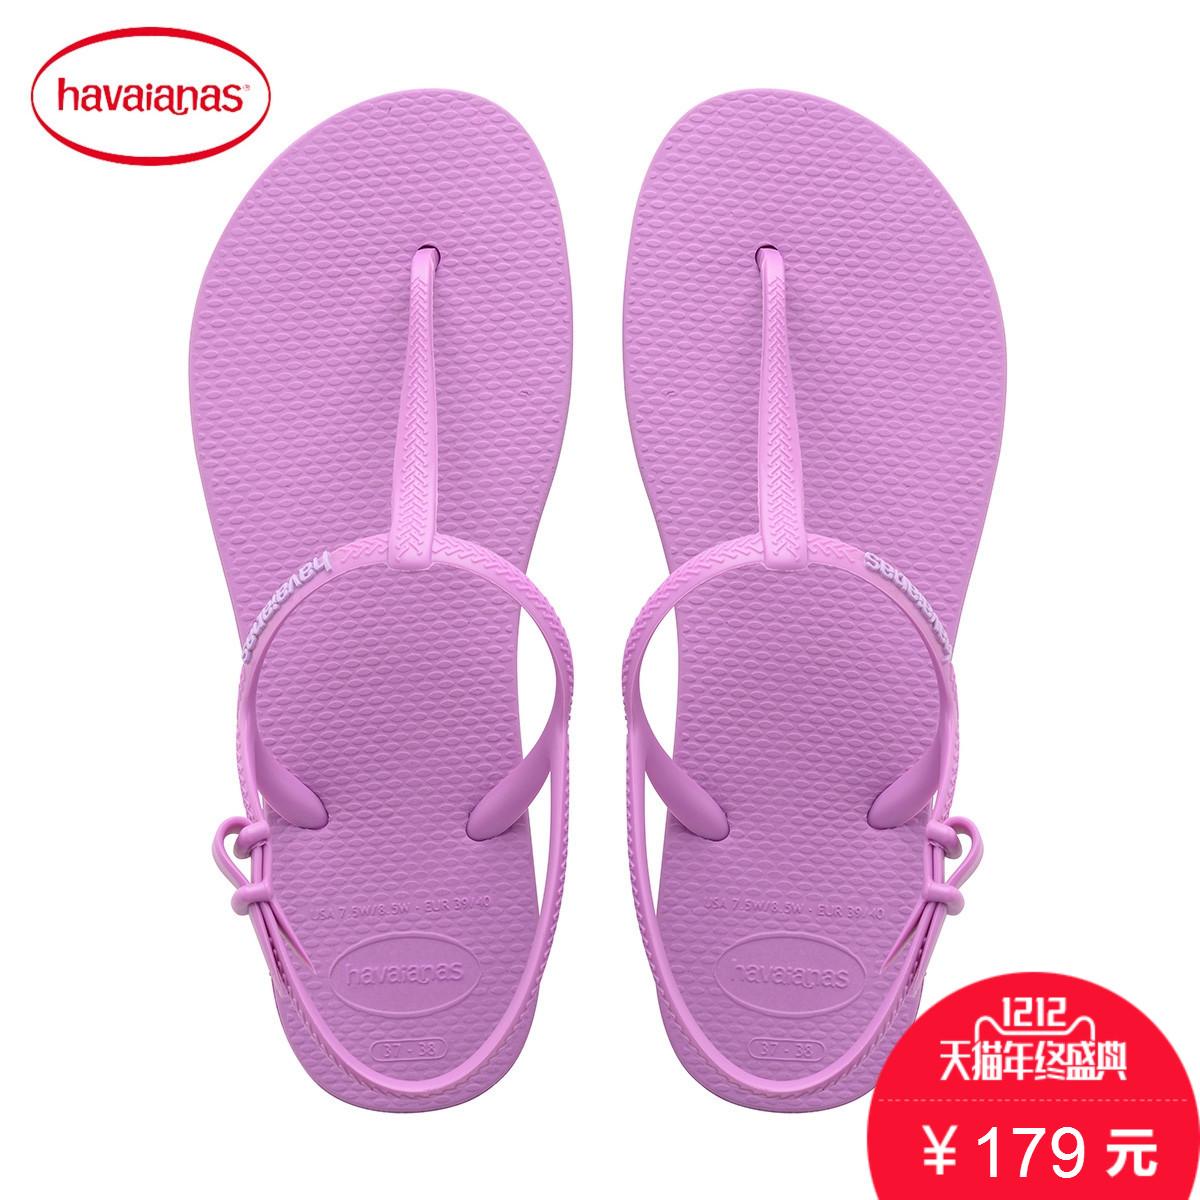 紫色凉鞋 Havaianas新品2016女款后带凉鞋freedom紫色人字拖鞋哈瓦那_推荐淘宝好看的紫色凉鞋